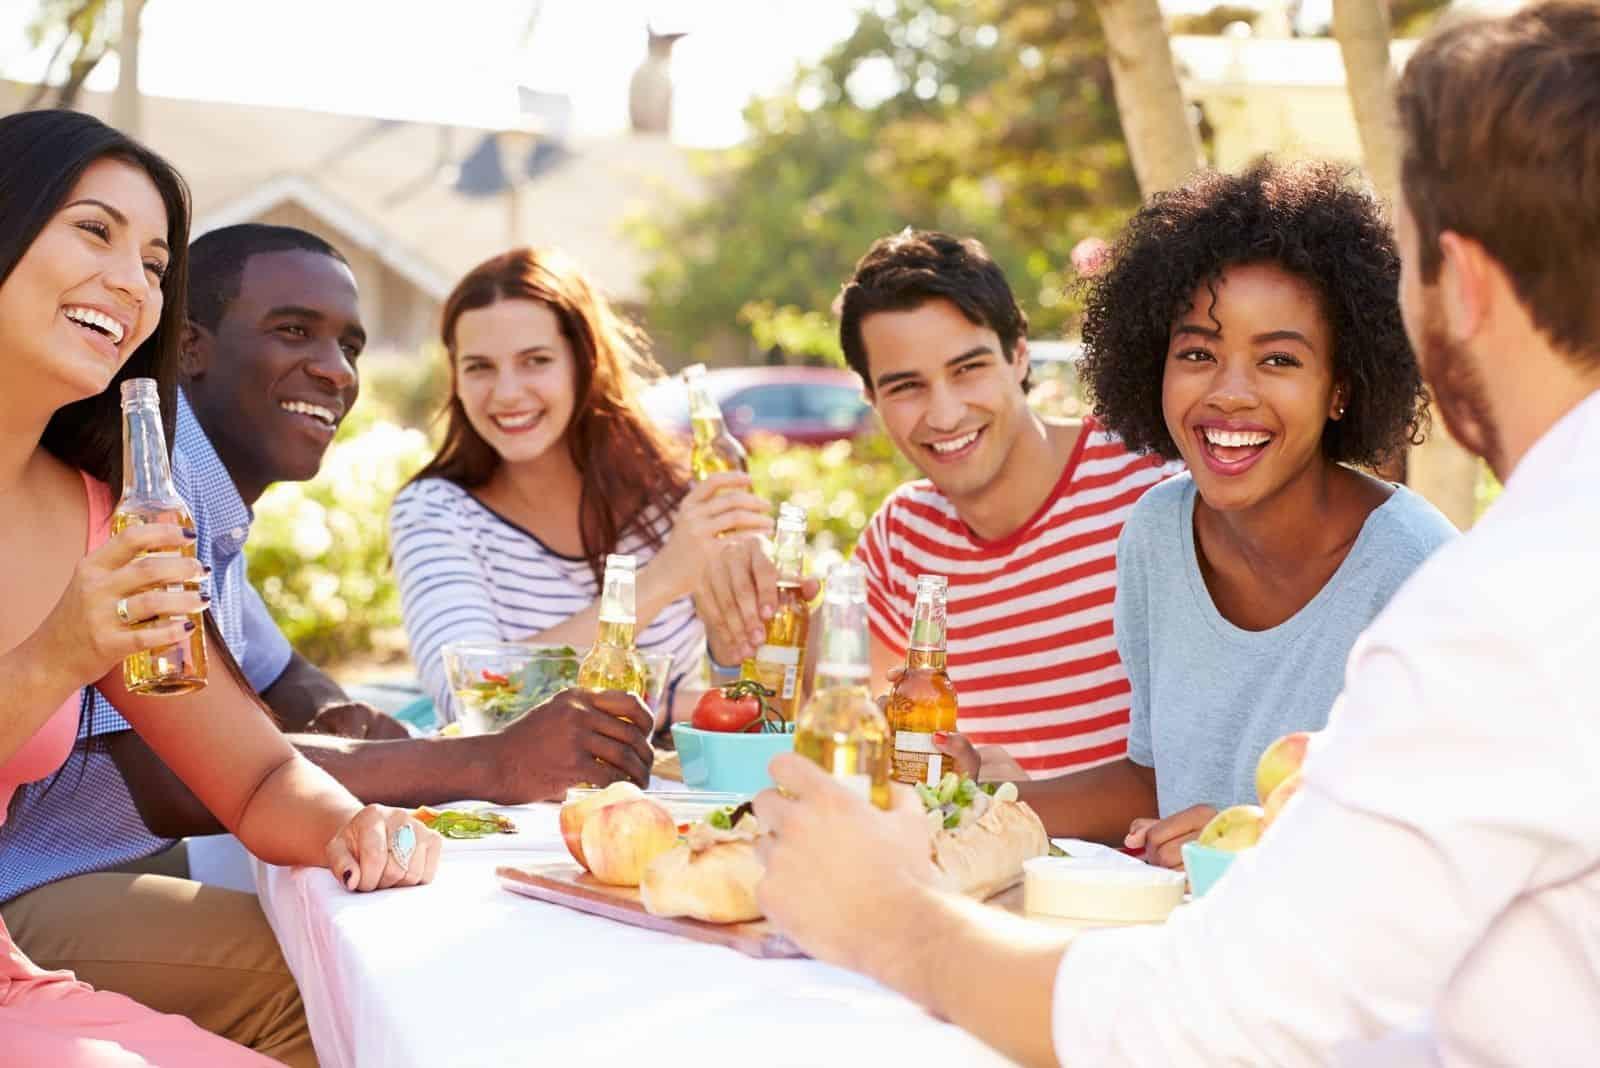 Gruppe von Freunden, die das Essen genießen auf einer Party im Freien